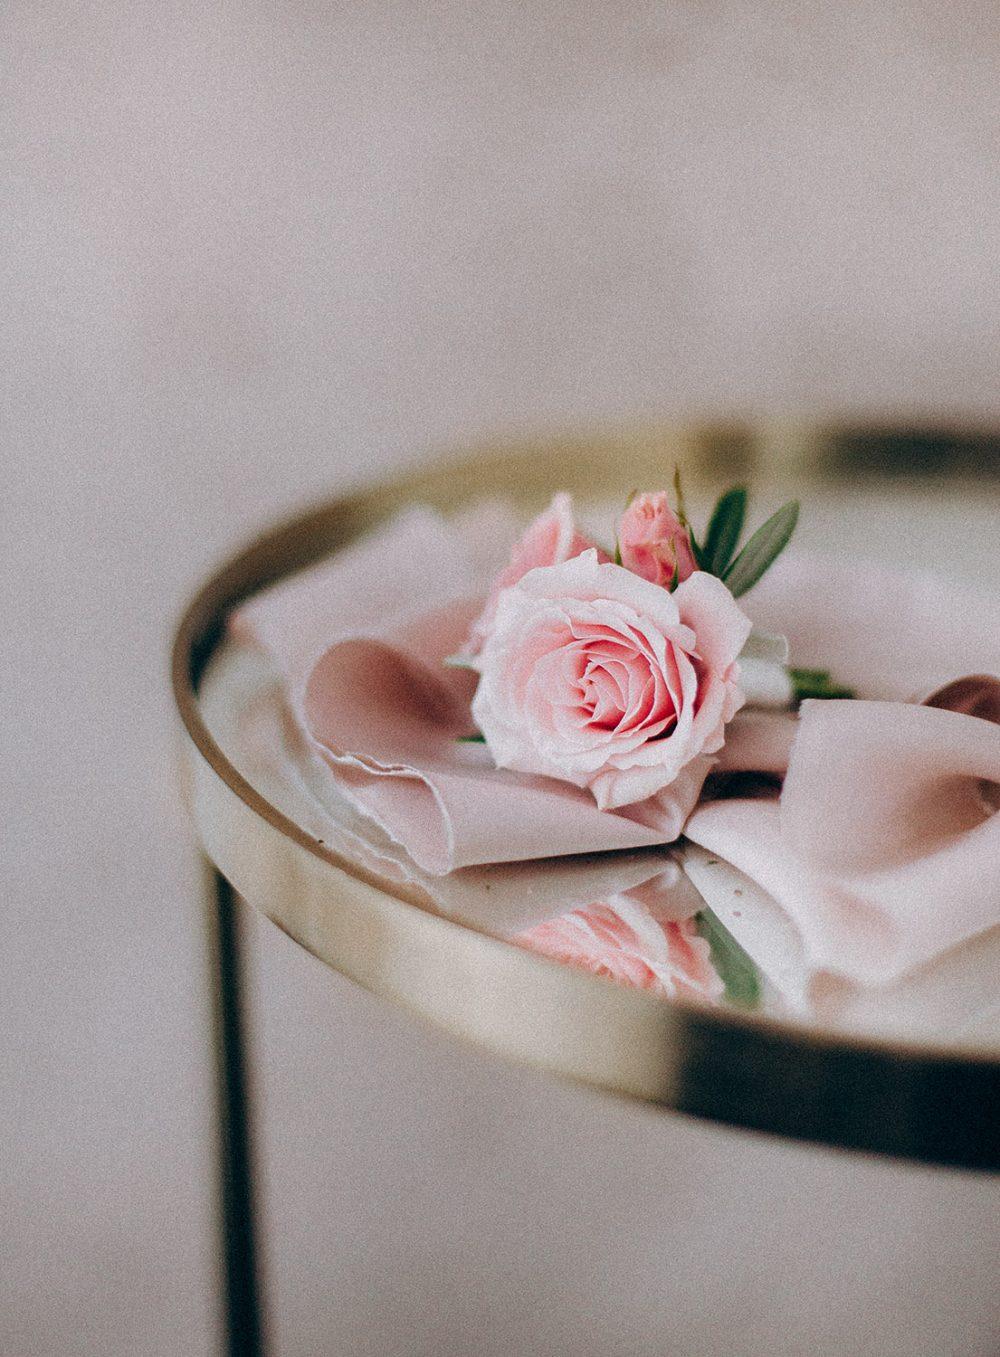 Anstecker Boutonniere Bräutigam Blumen Hochzeit Heiraten Schweiz Hochzeitsdekoration rosa Zürich Bern TML